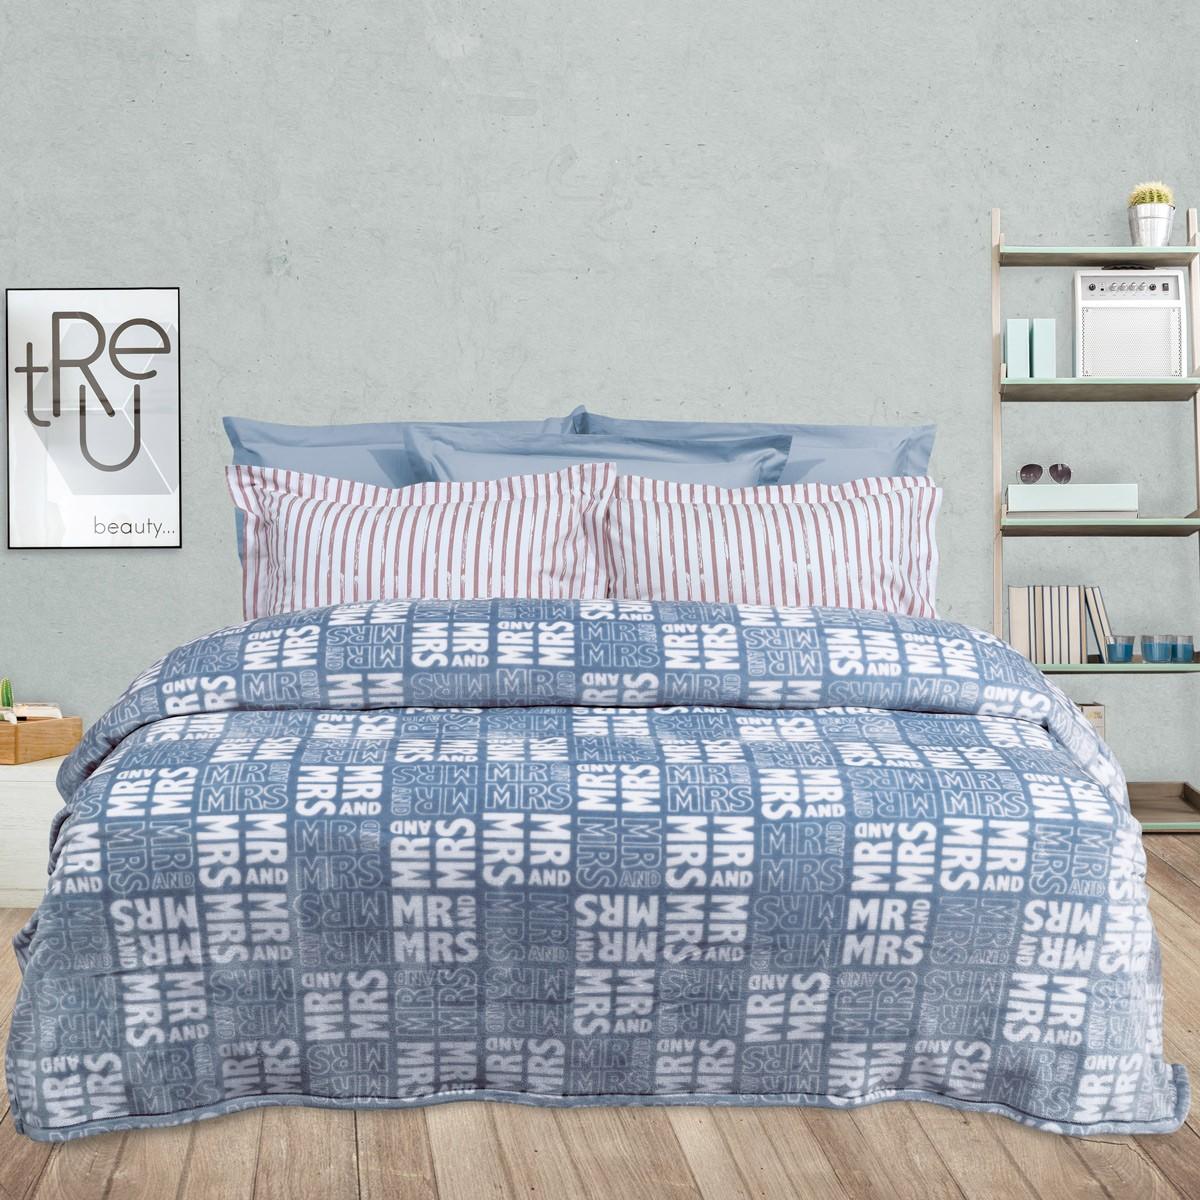 Κουβέρτα Fleece Υπέρδιπλη Das Home Blanket Line Prints 399